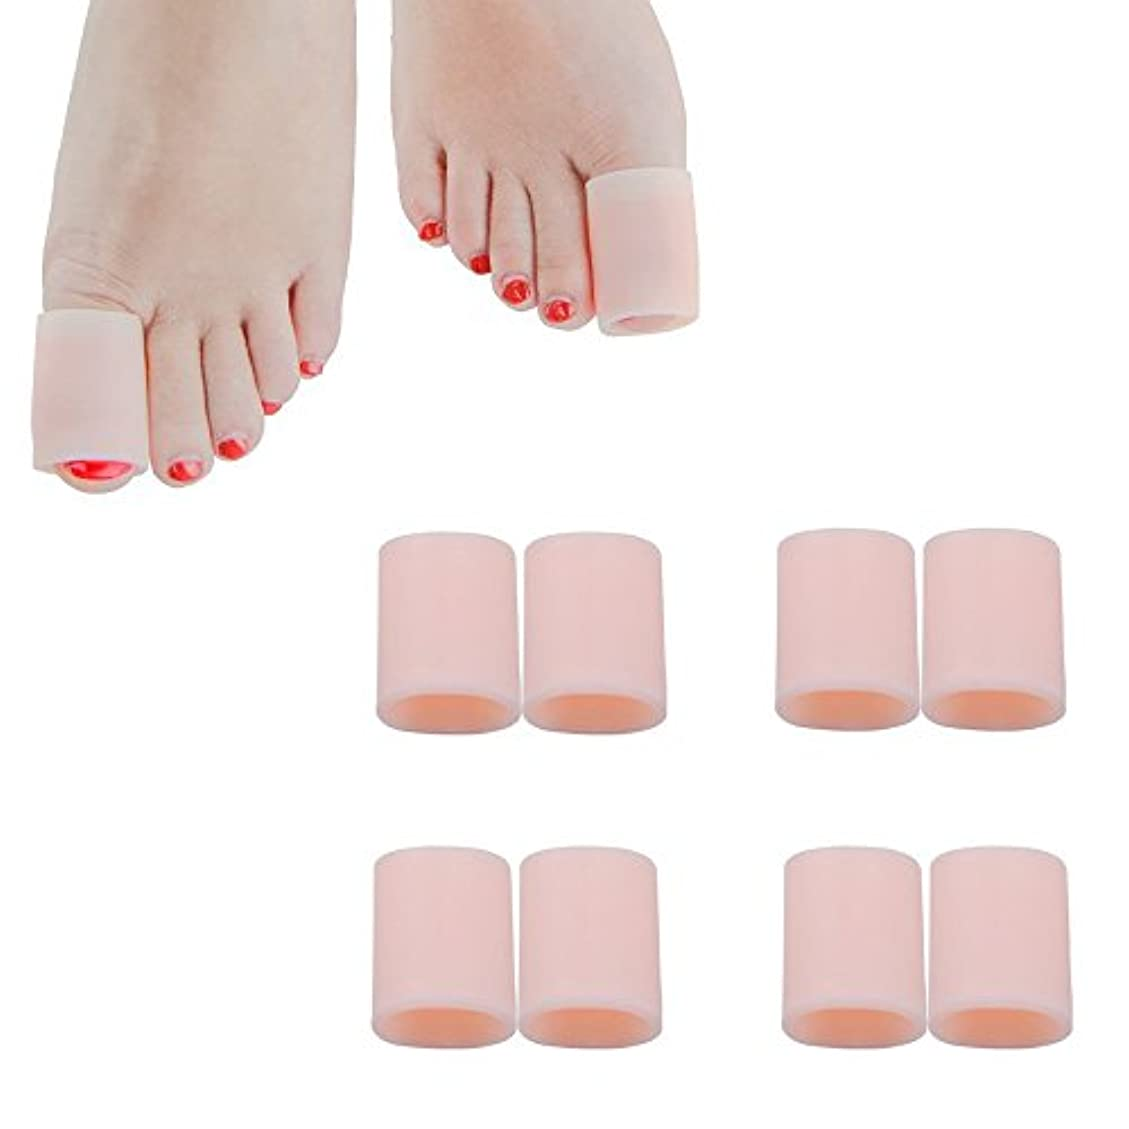 近所のフォーカス憎しみ足指保護キャップ つま先プロテクター 足先のつめ保護キャップ シリコン (肌の色, 4組の大きなゲル)